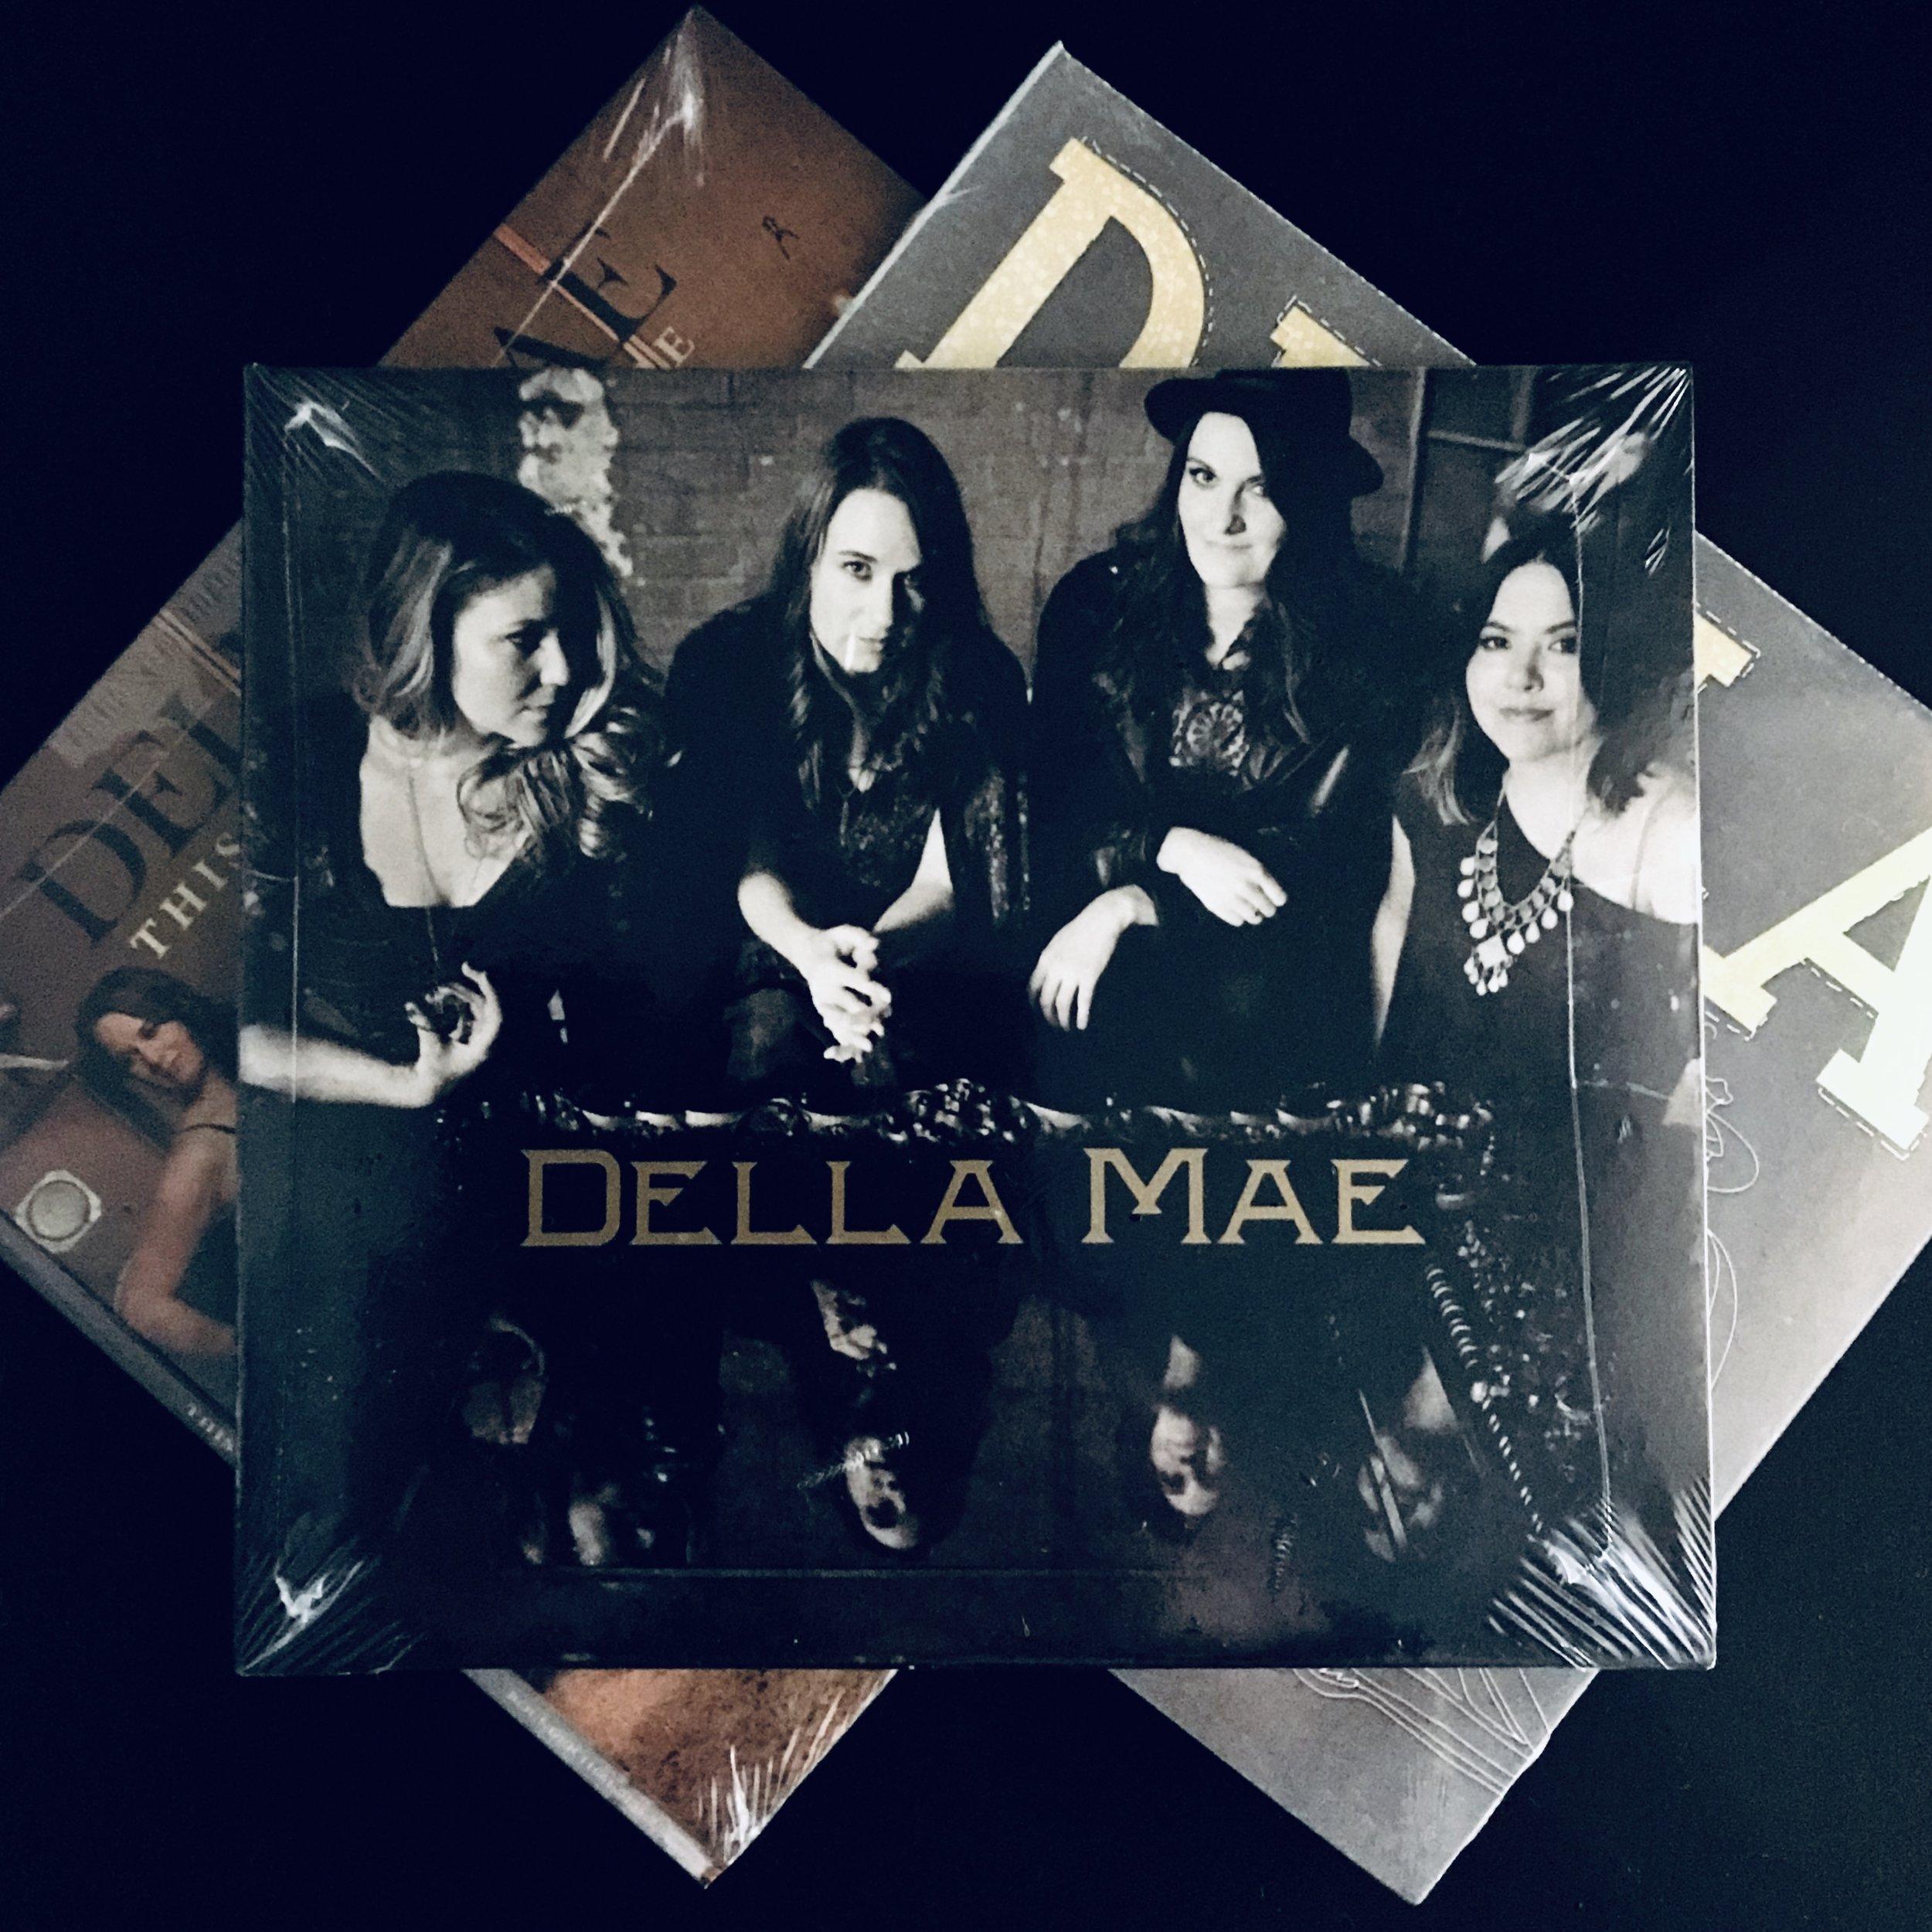 Della Mae CD bundle.jpg